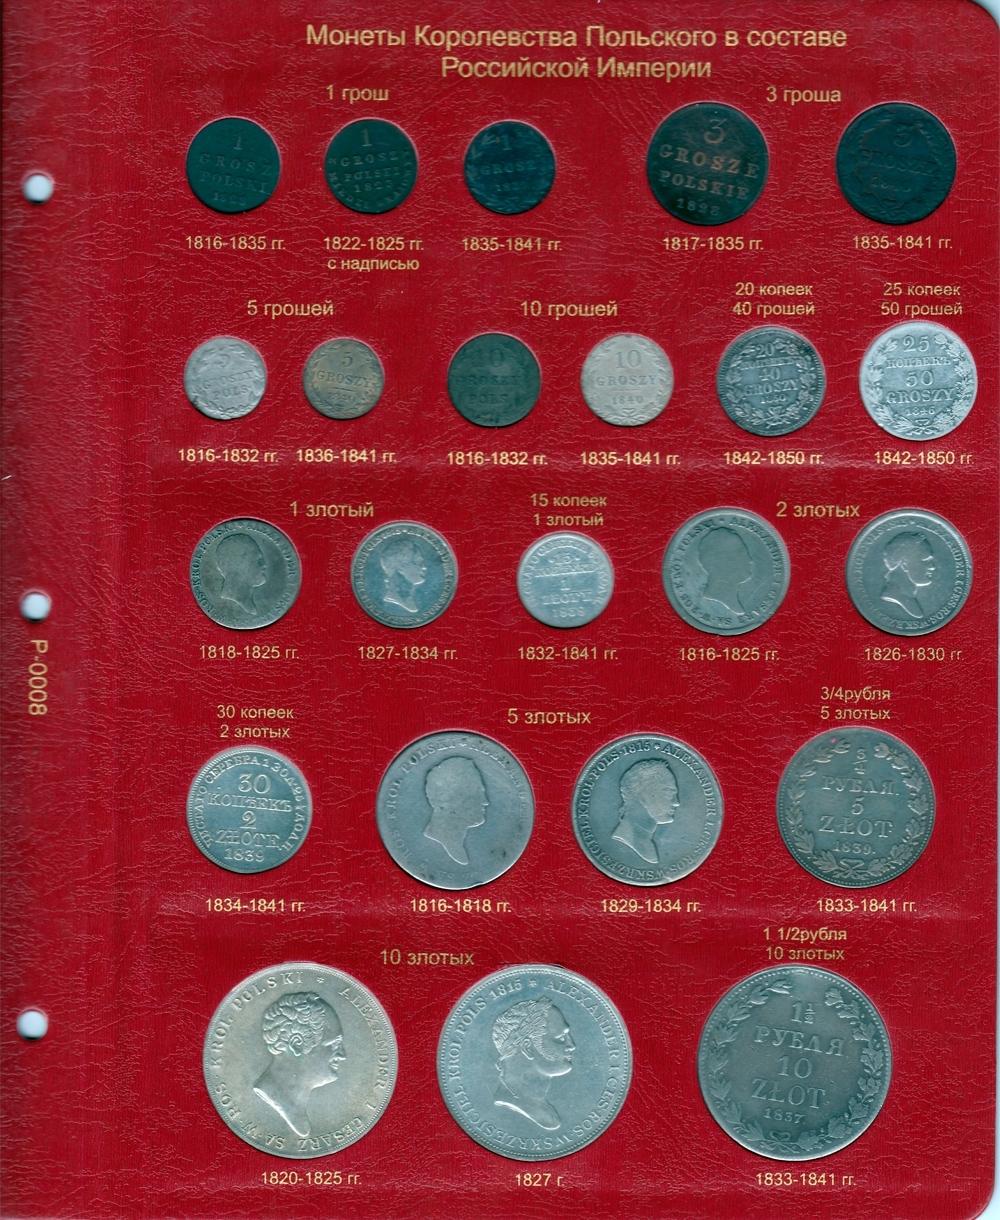 Набор листов для монет Королевства Польского в составе Российской Империи